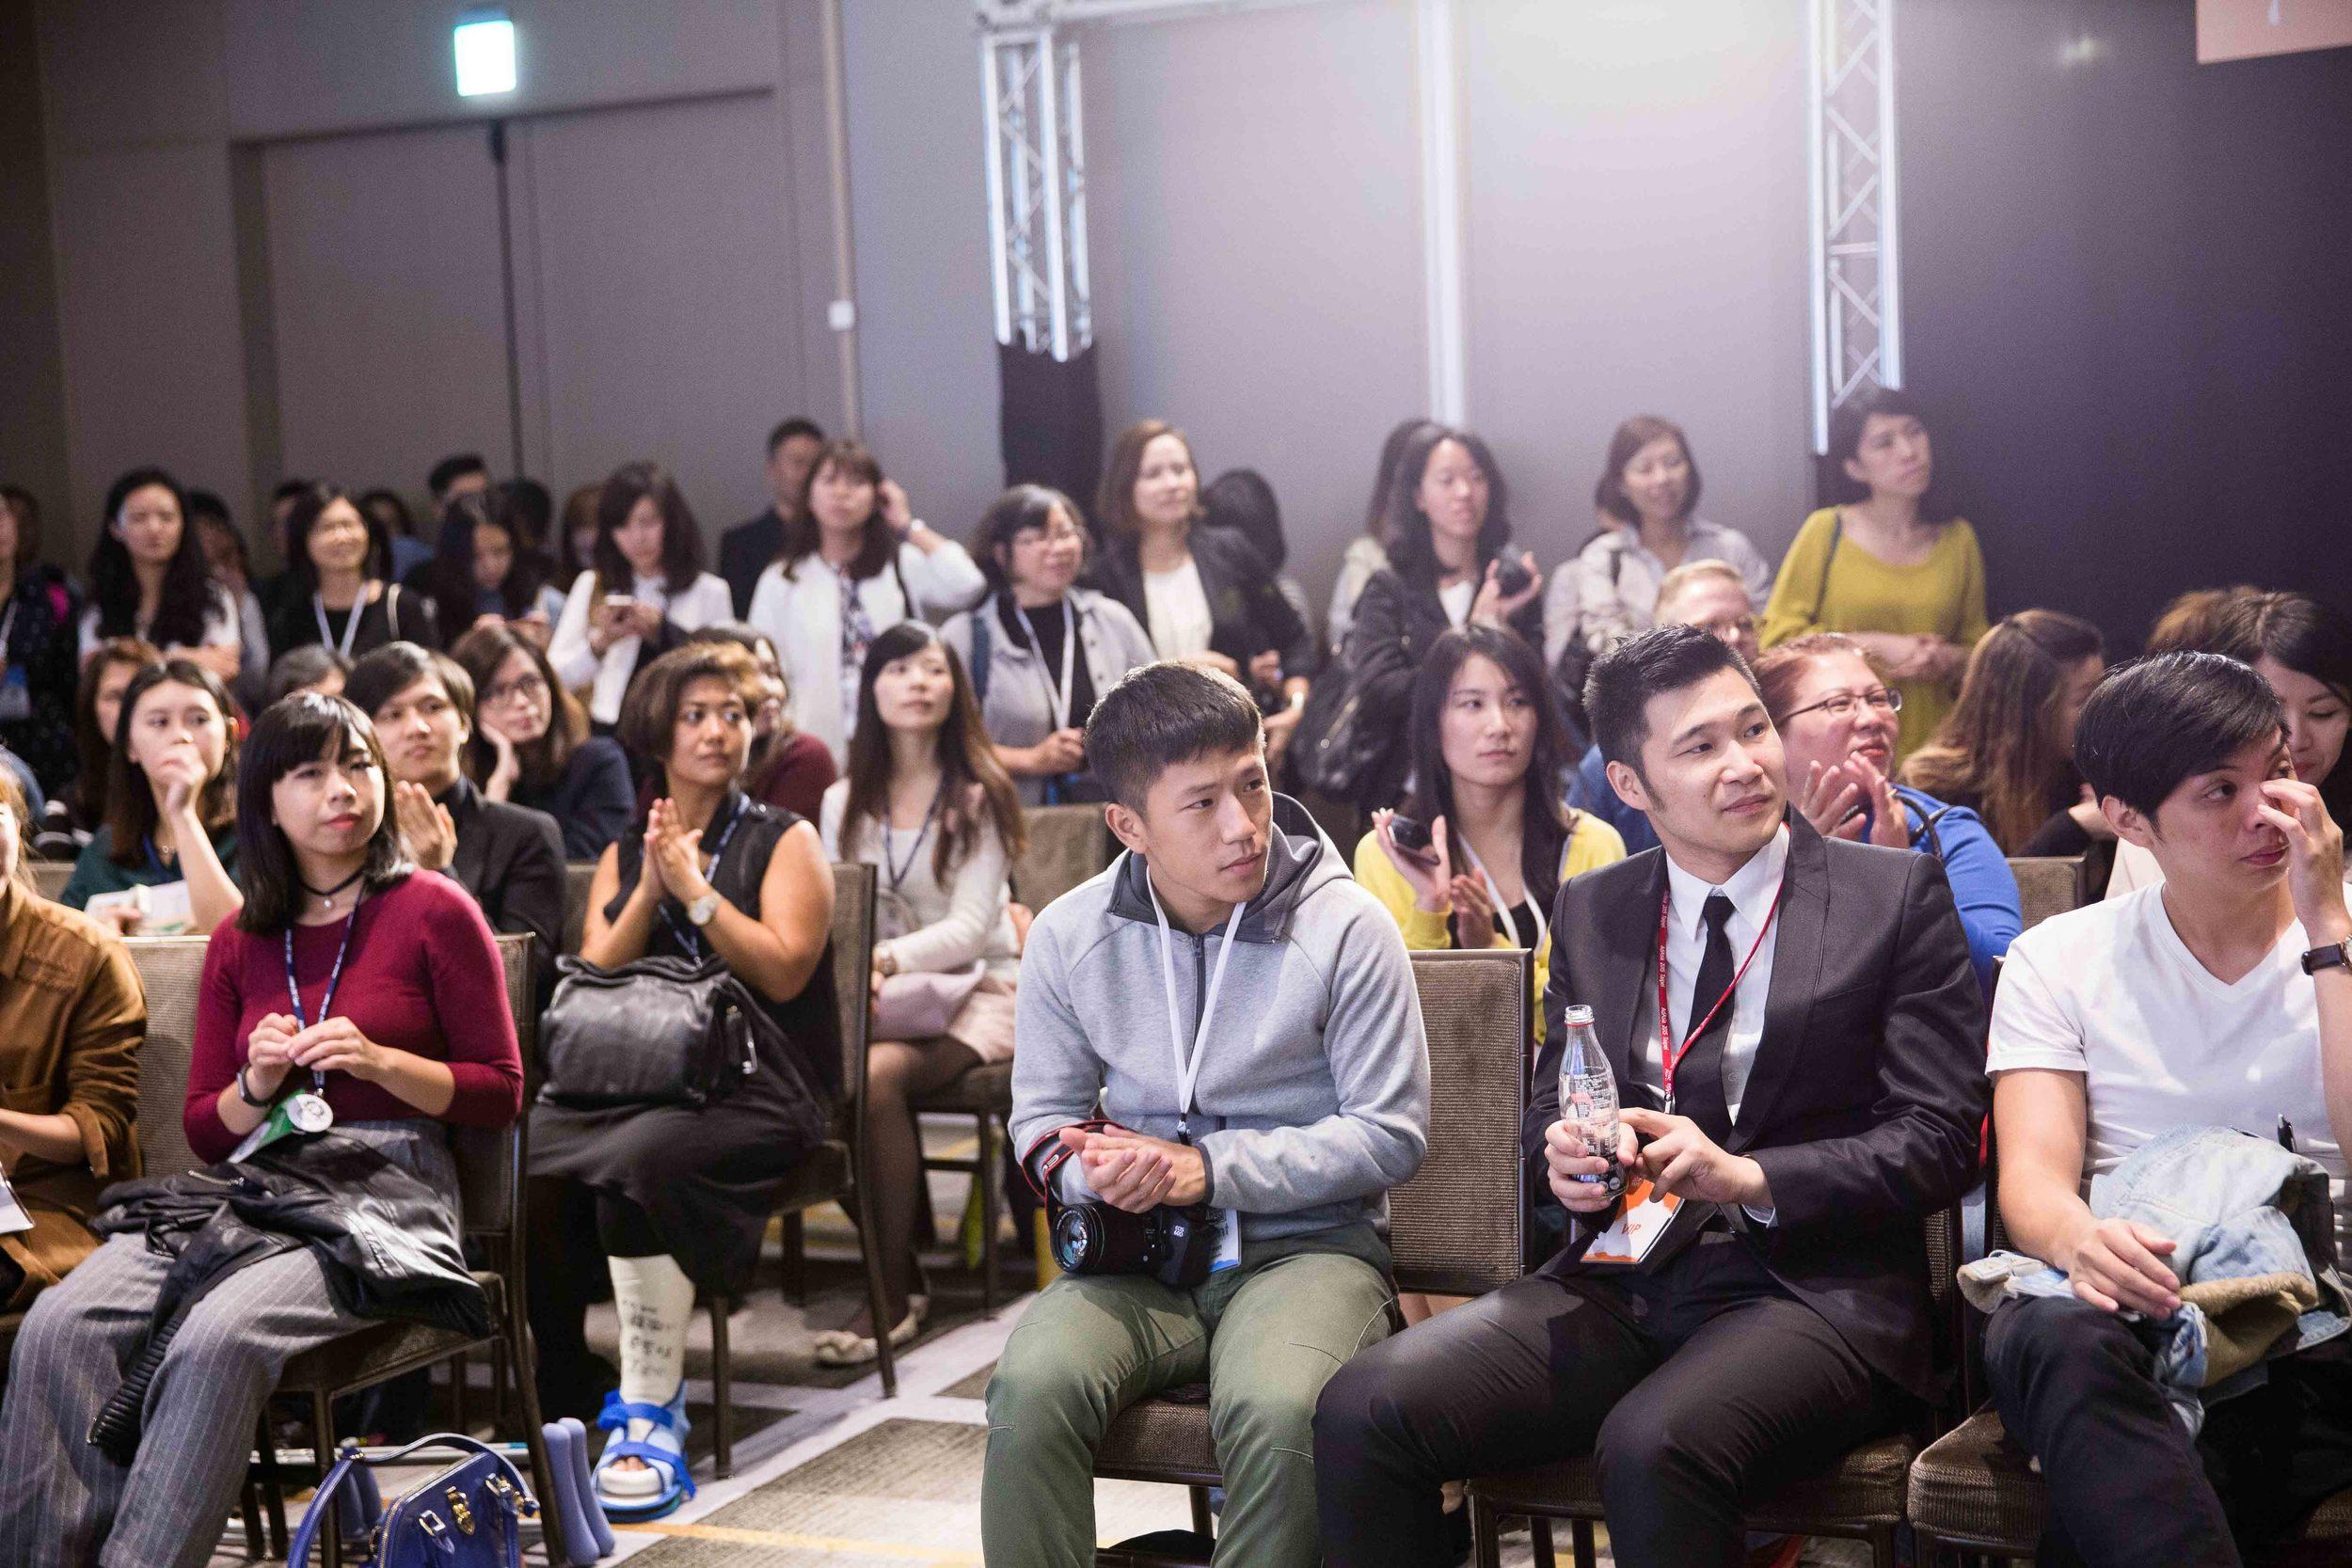 Wuz_newwebsite_event_175.JPG